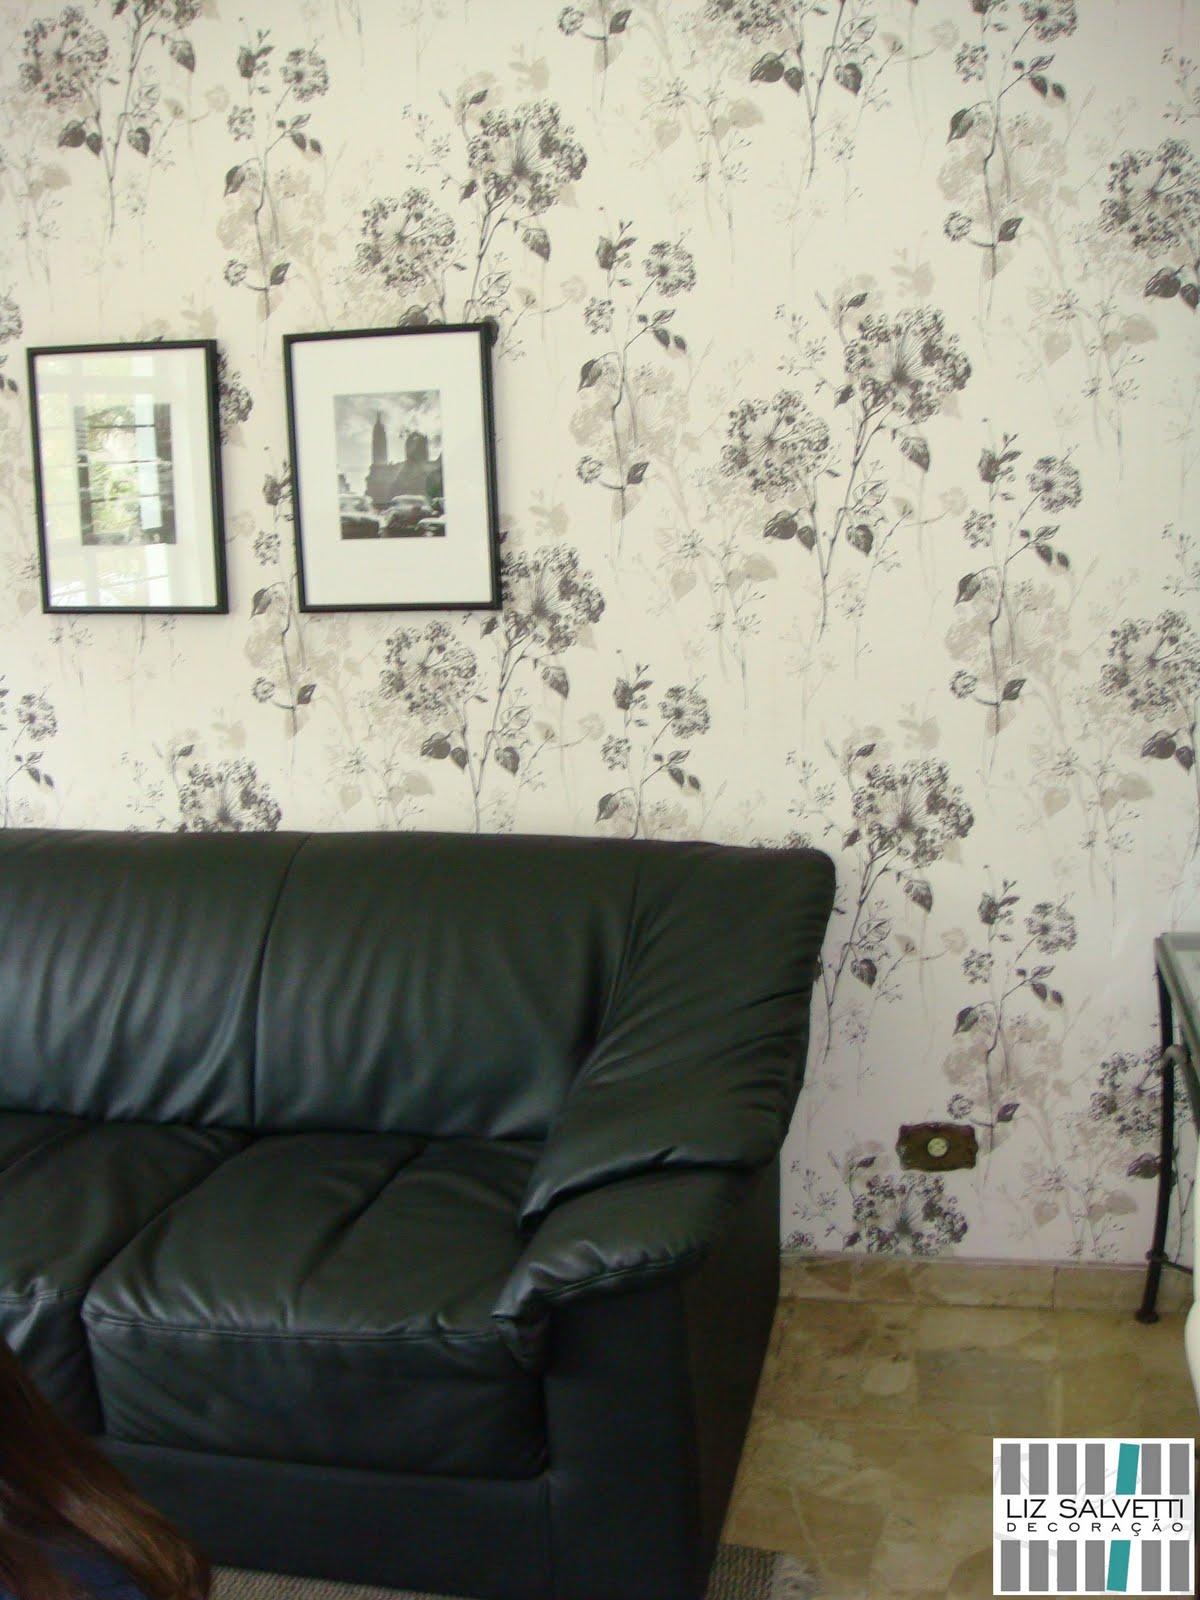 decoracao de interiores papel de parede: Liz Salvetti Decoração: Papel de Parede – Consultório em São Roque